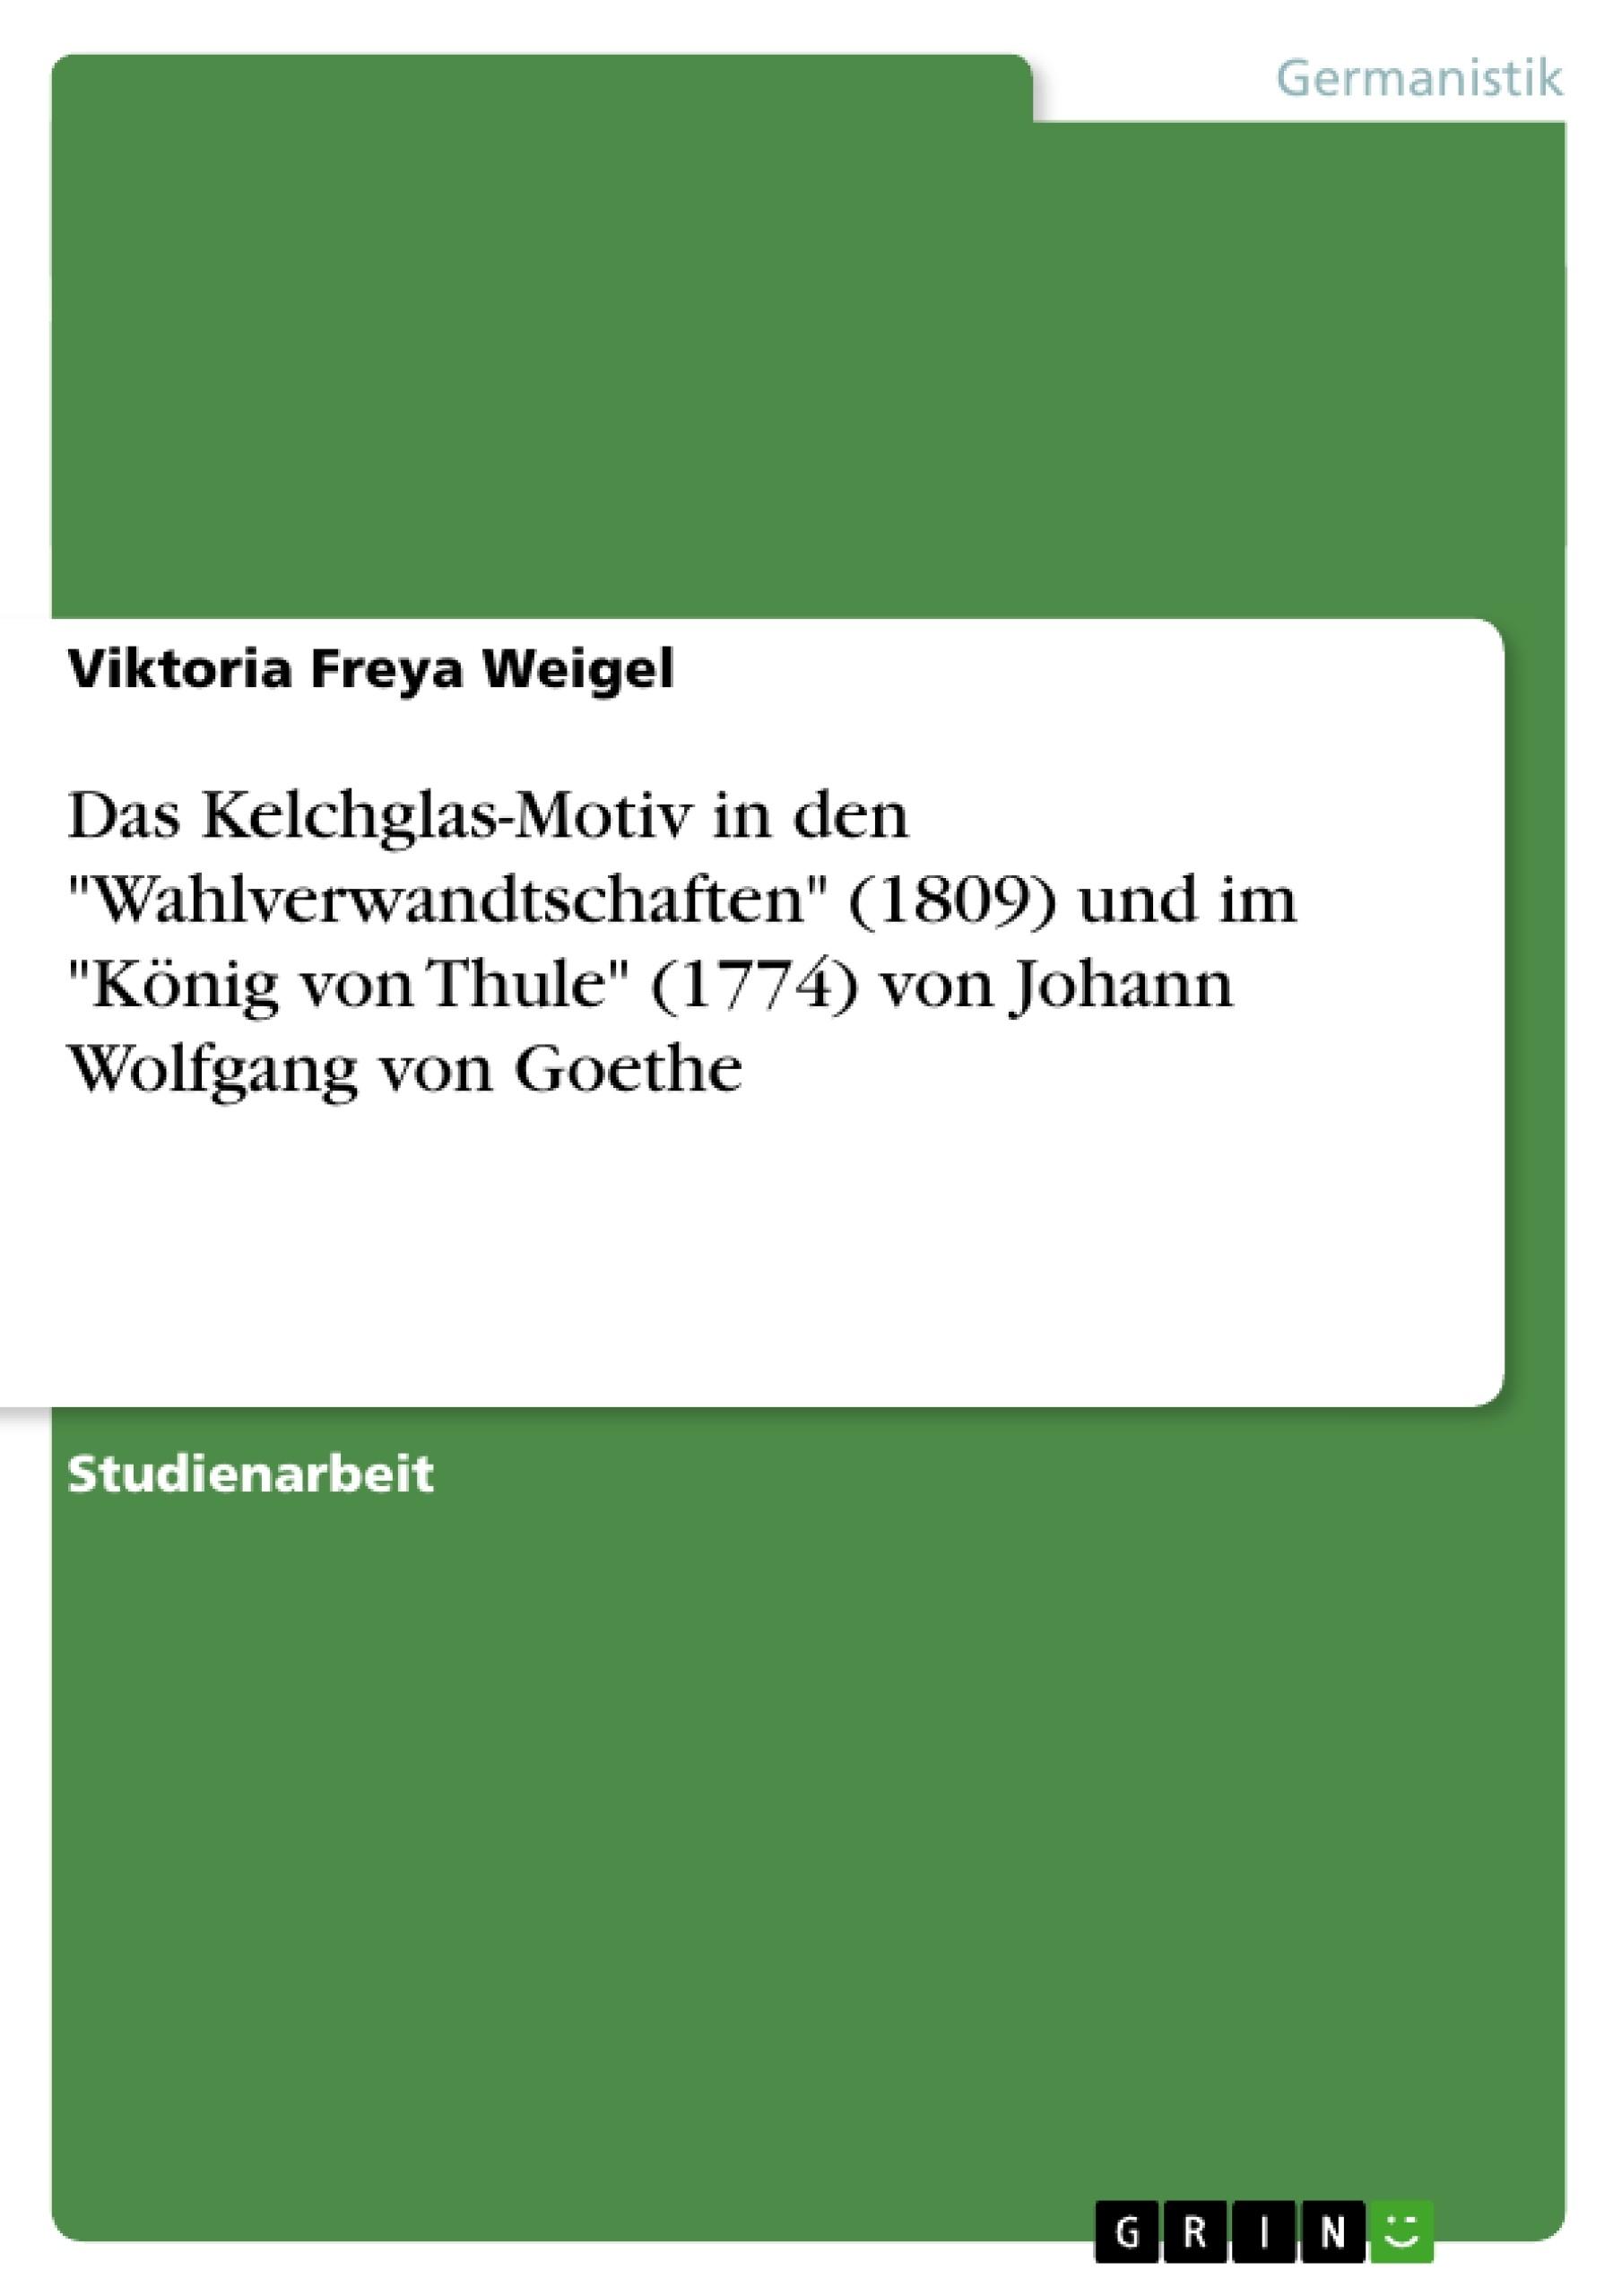 """Titel: Das Kelchglas-Motiv in den """"Wahlverwandtschaften"""" (1809) und im """"König von Thule"""" (1774) von Johann Wolfgang von Goethe"""